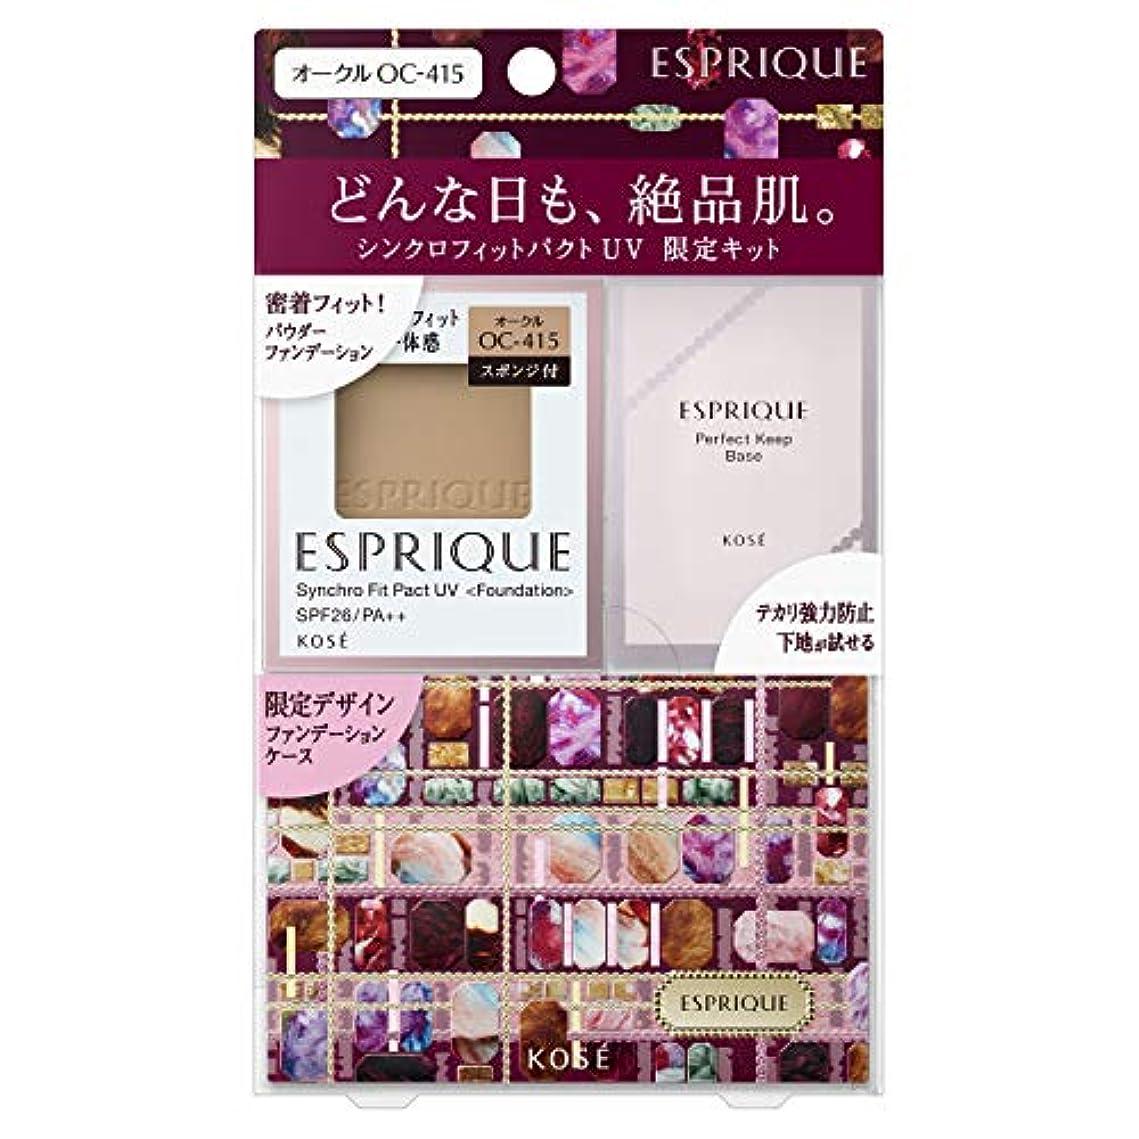 シリアルフェードアウト冷蔵庫ESPRIQUE(エスプリーク) エスプリーク シンクロフィット パクト UV 限定キット 2 ファンデーション OC-415 オークル セット 9.3g+0.6g+ケース付き